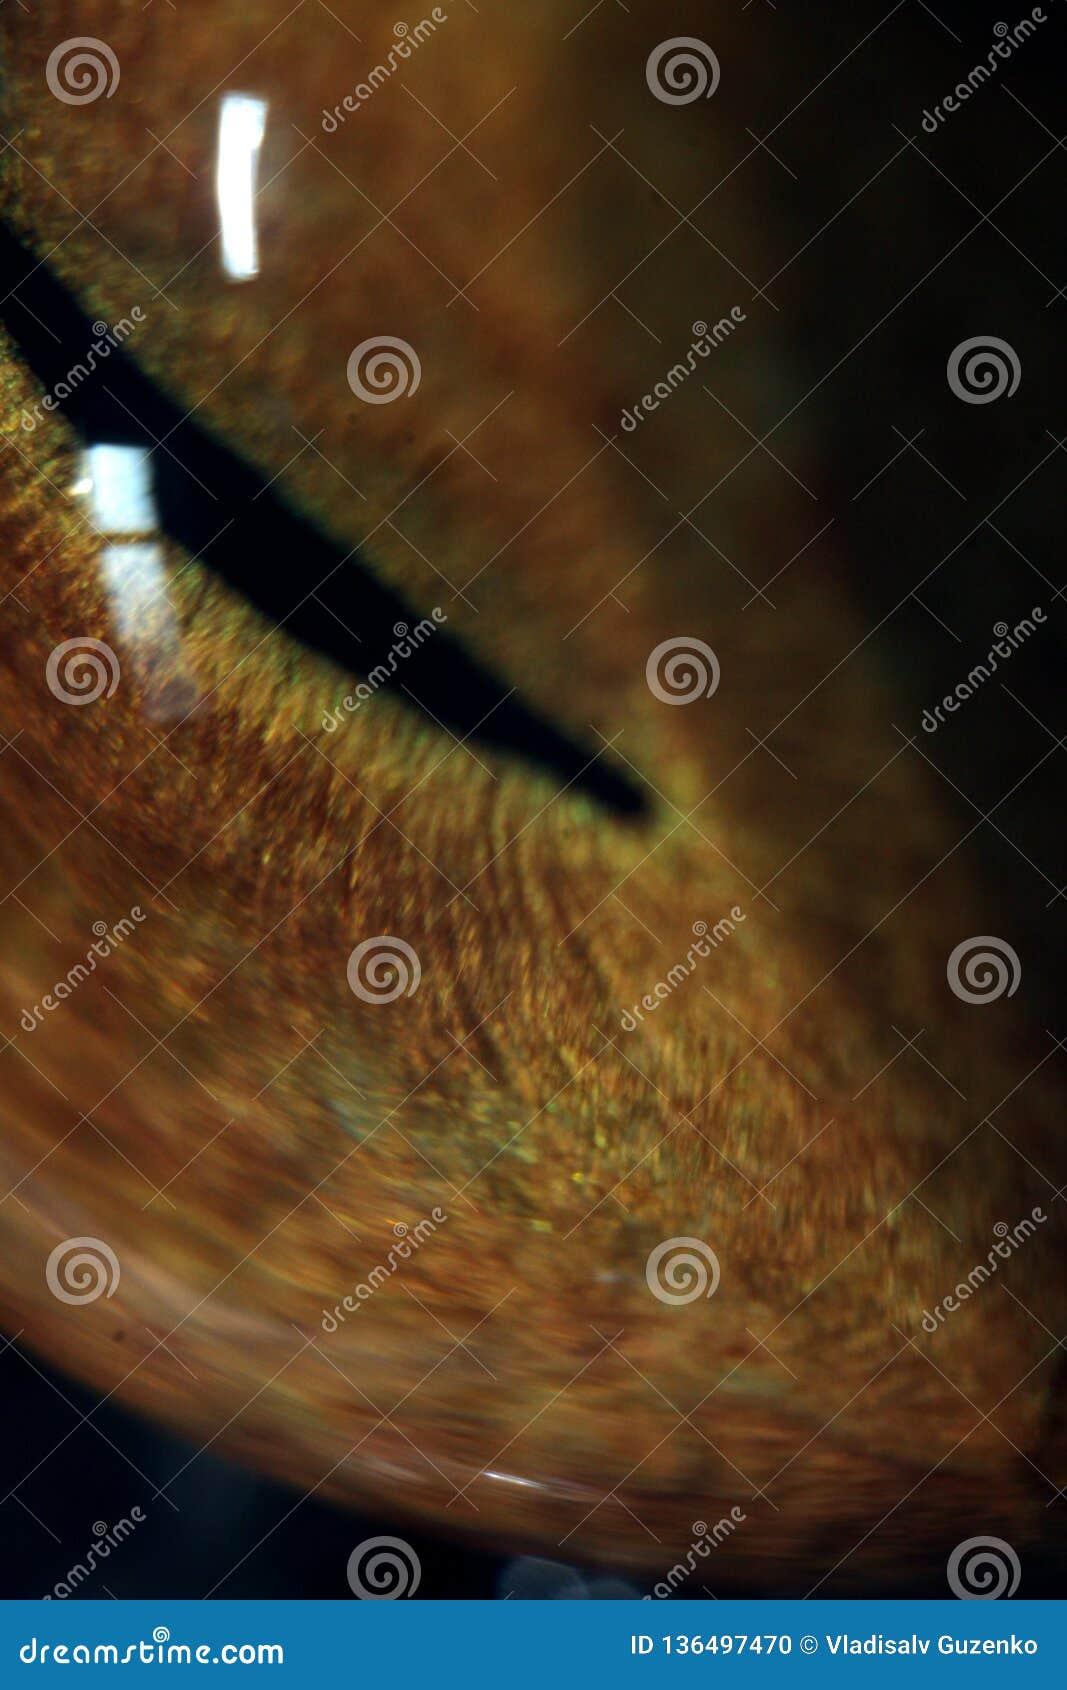 Cat`s eye at maximum magnification macro